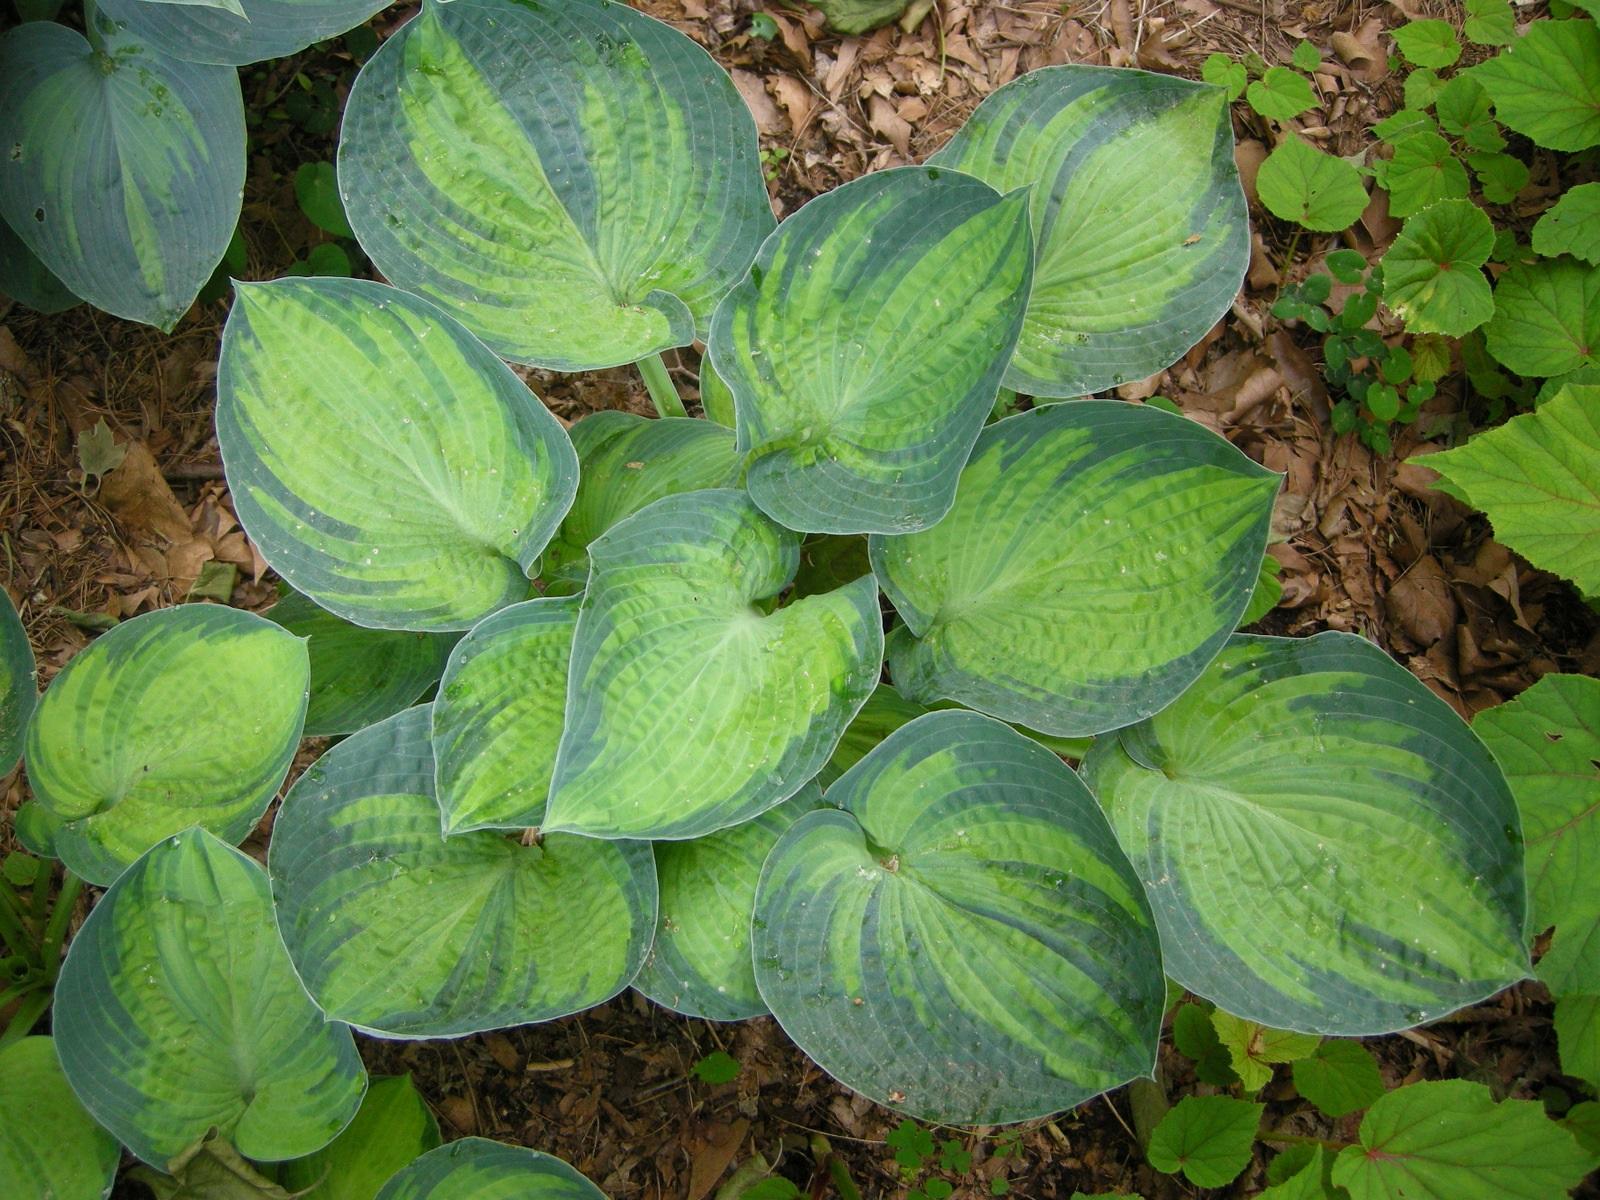 Сочетание оттенков зеленого на листьях хосты